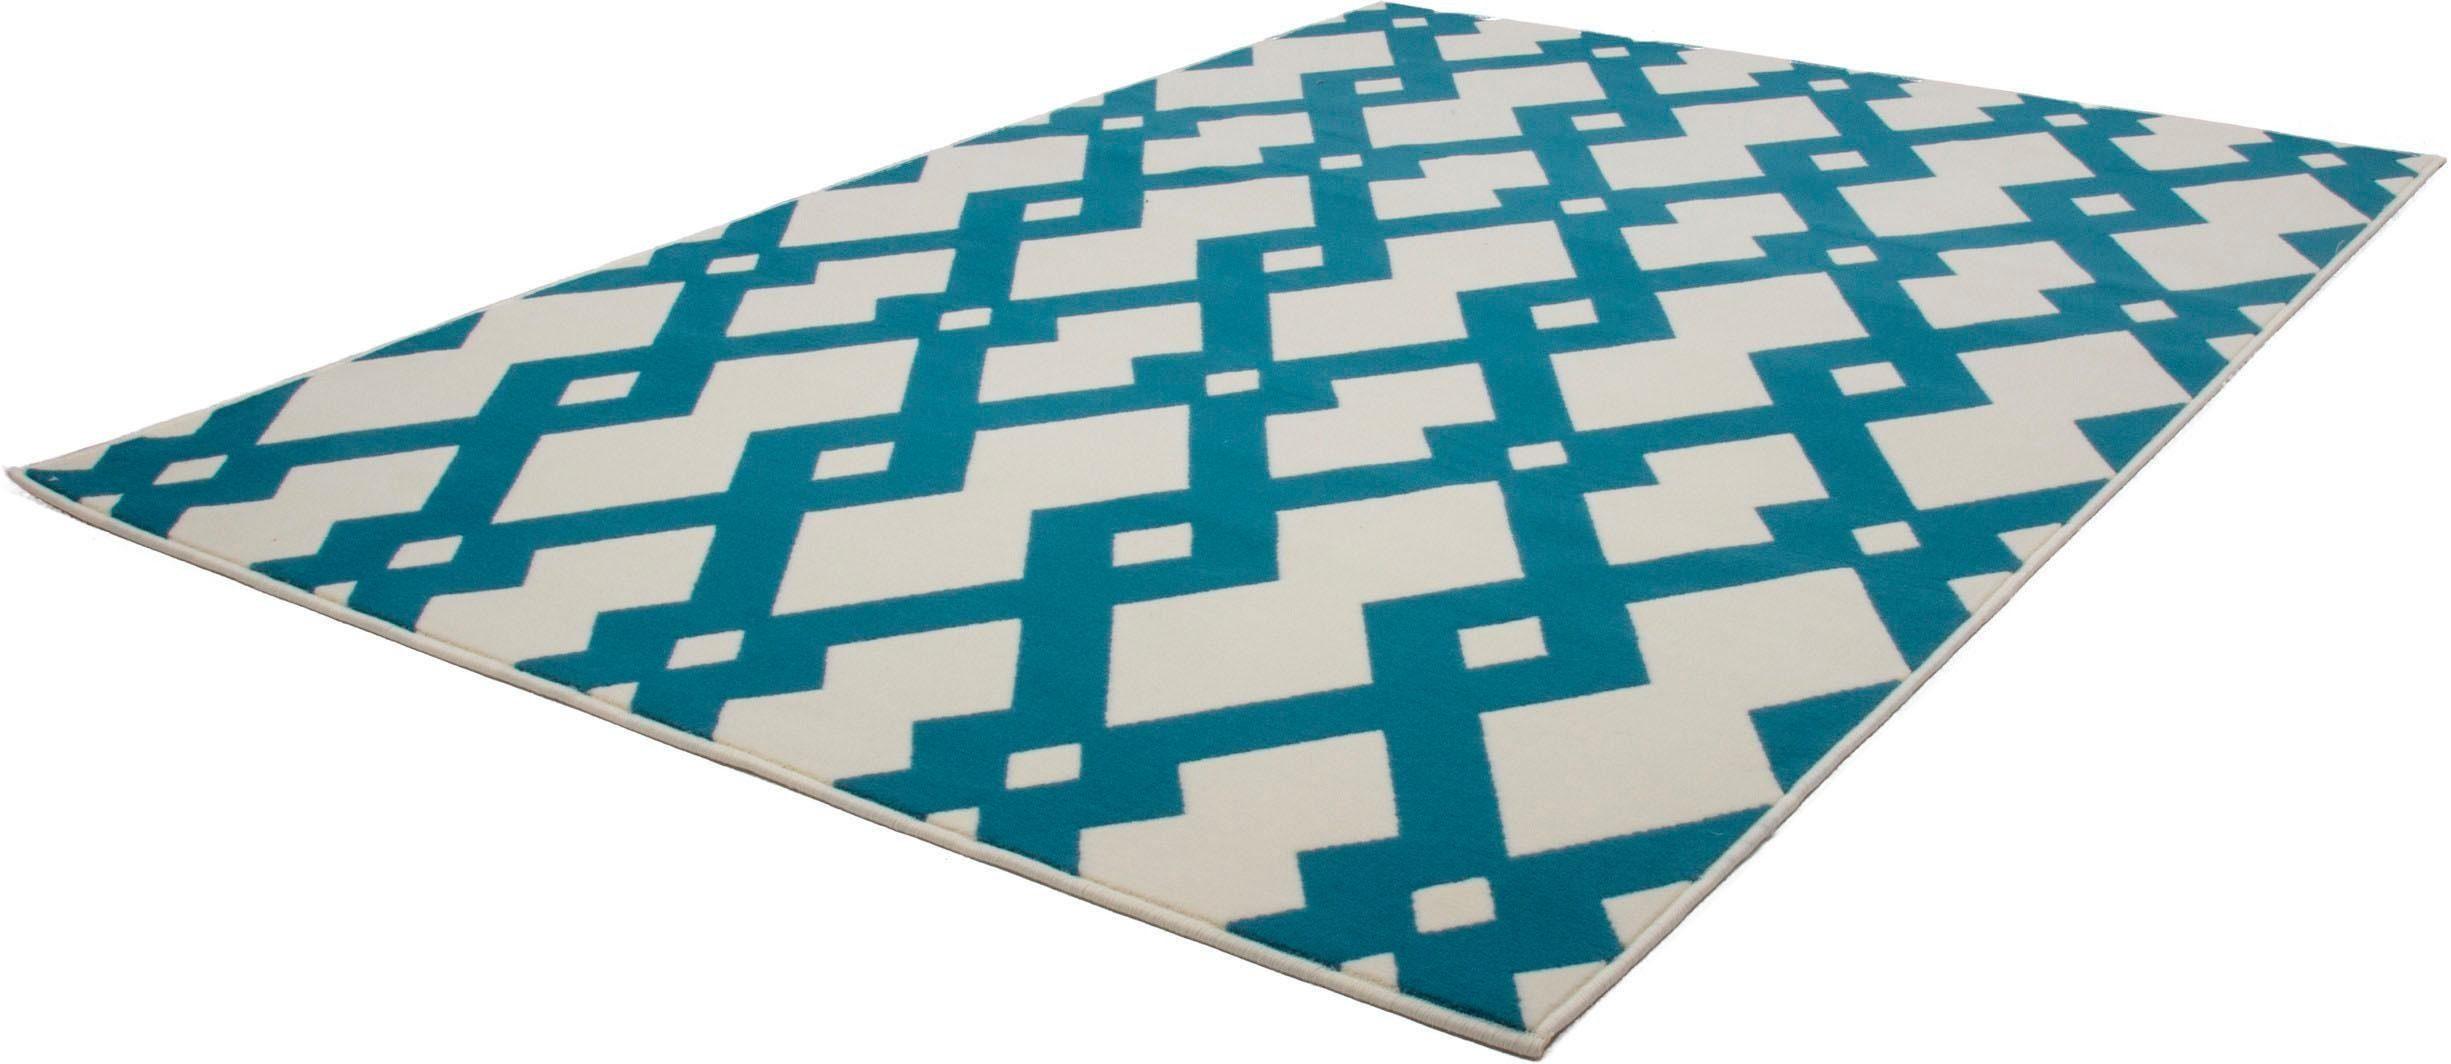 Teppich Kurzflor Hochwertig 5708-Beige Braun Creme 80 120 140 160 200